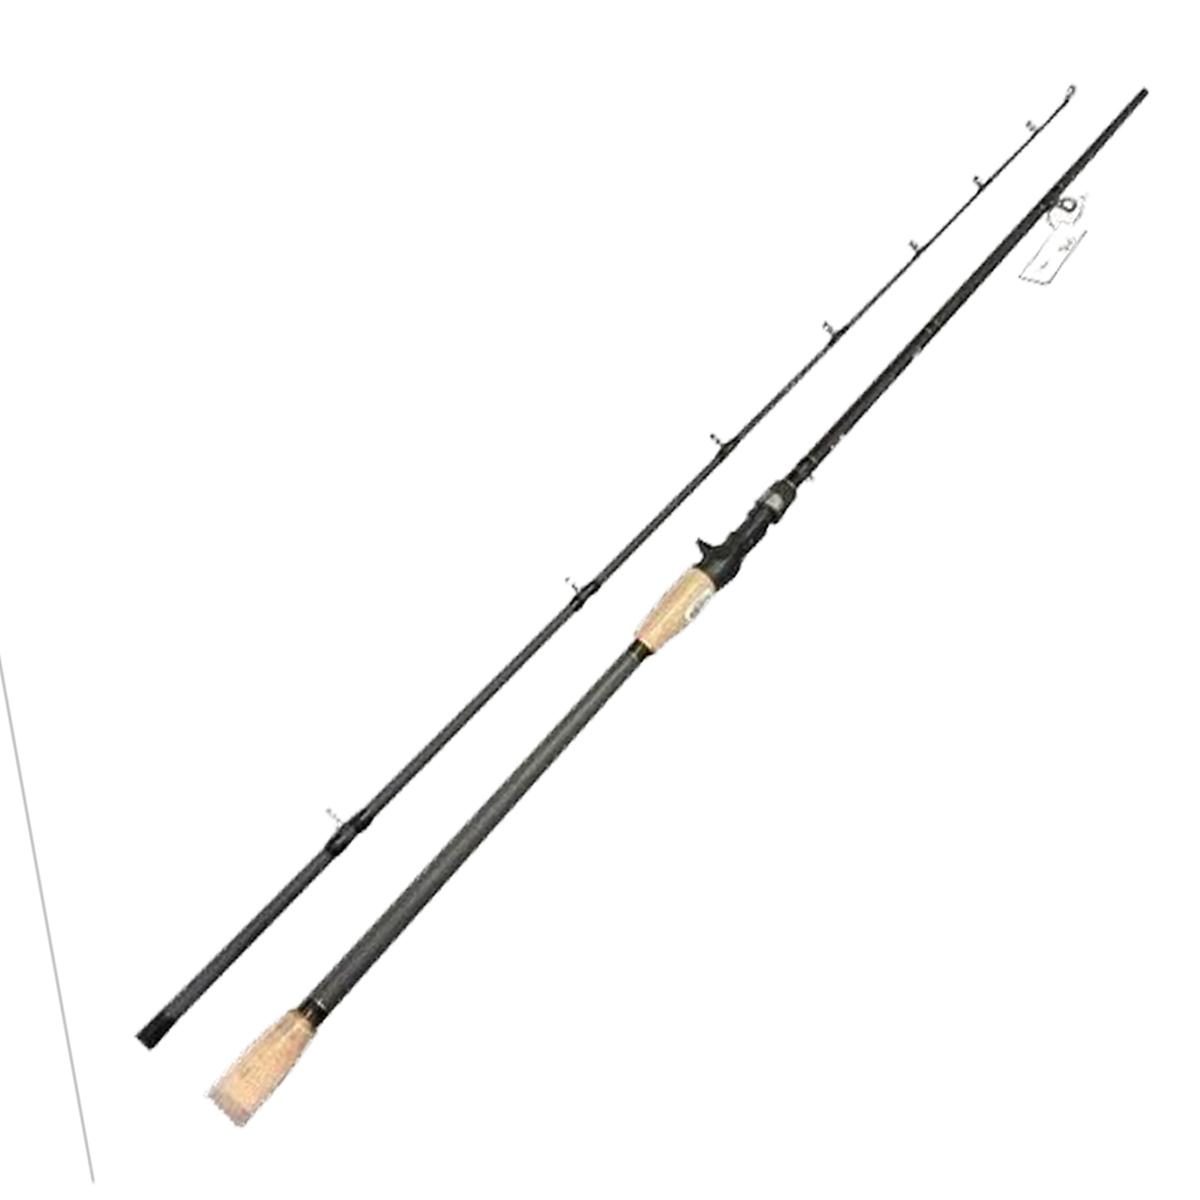 Vara Lumis Intense p/ Carretilha 2,10 m 50 lbs (2 partes)  - Pró Pesca Shop